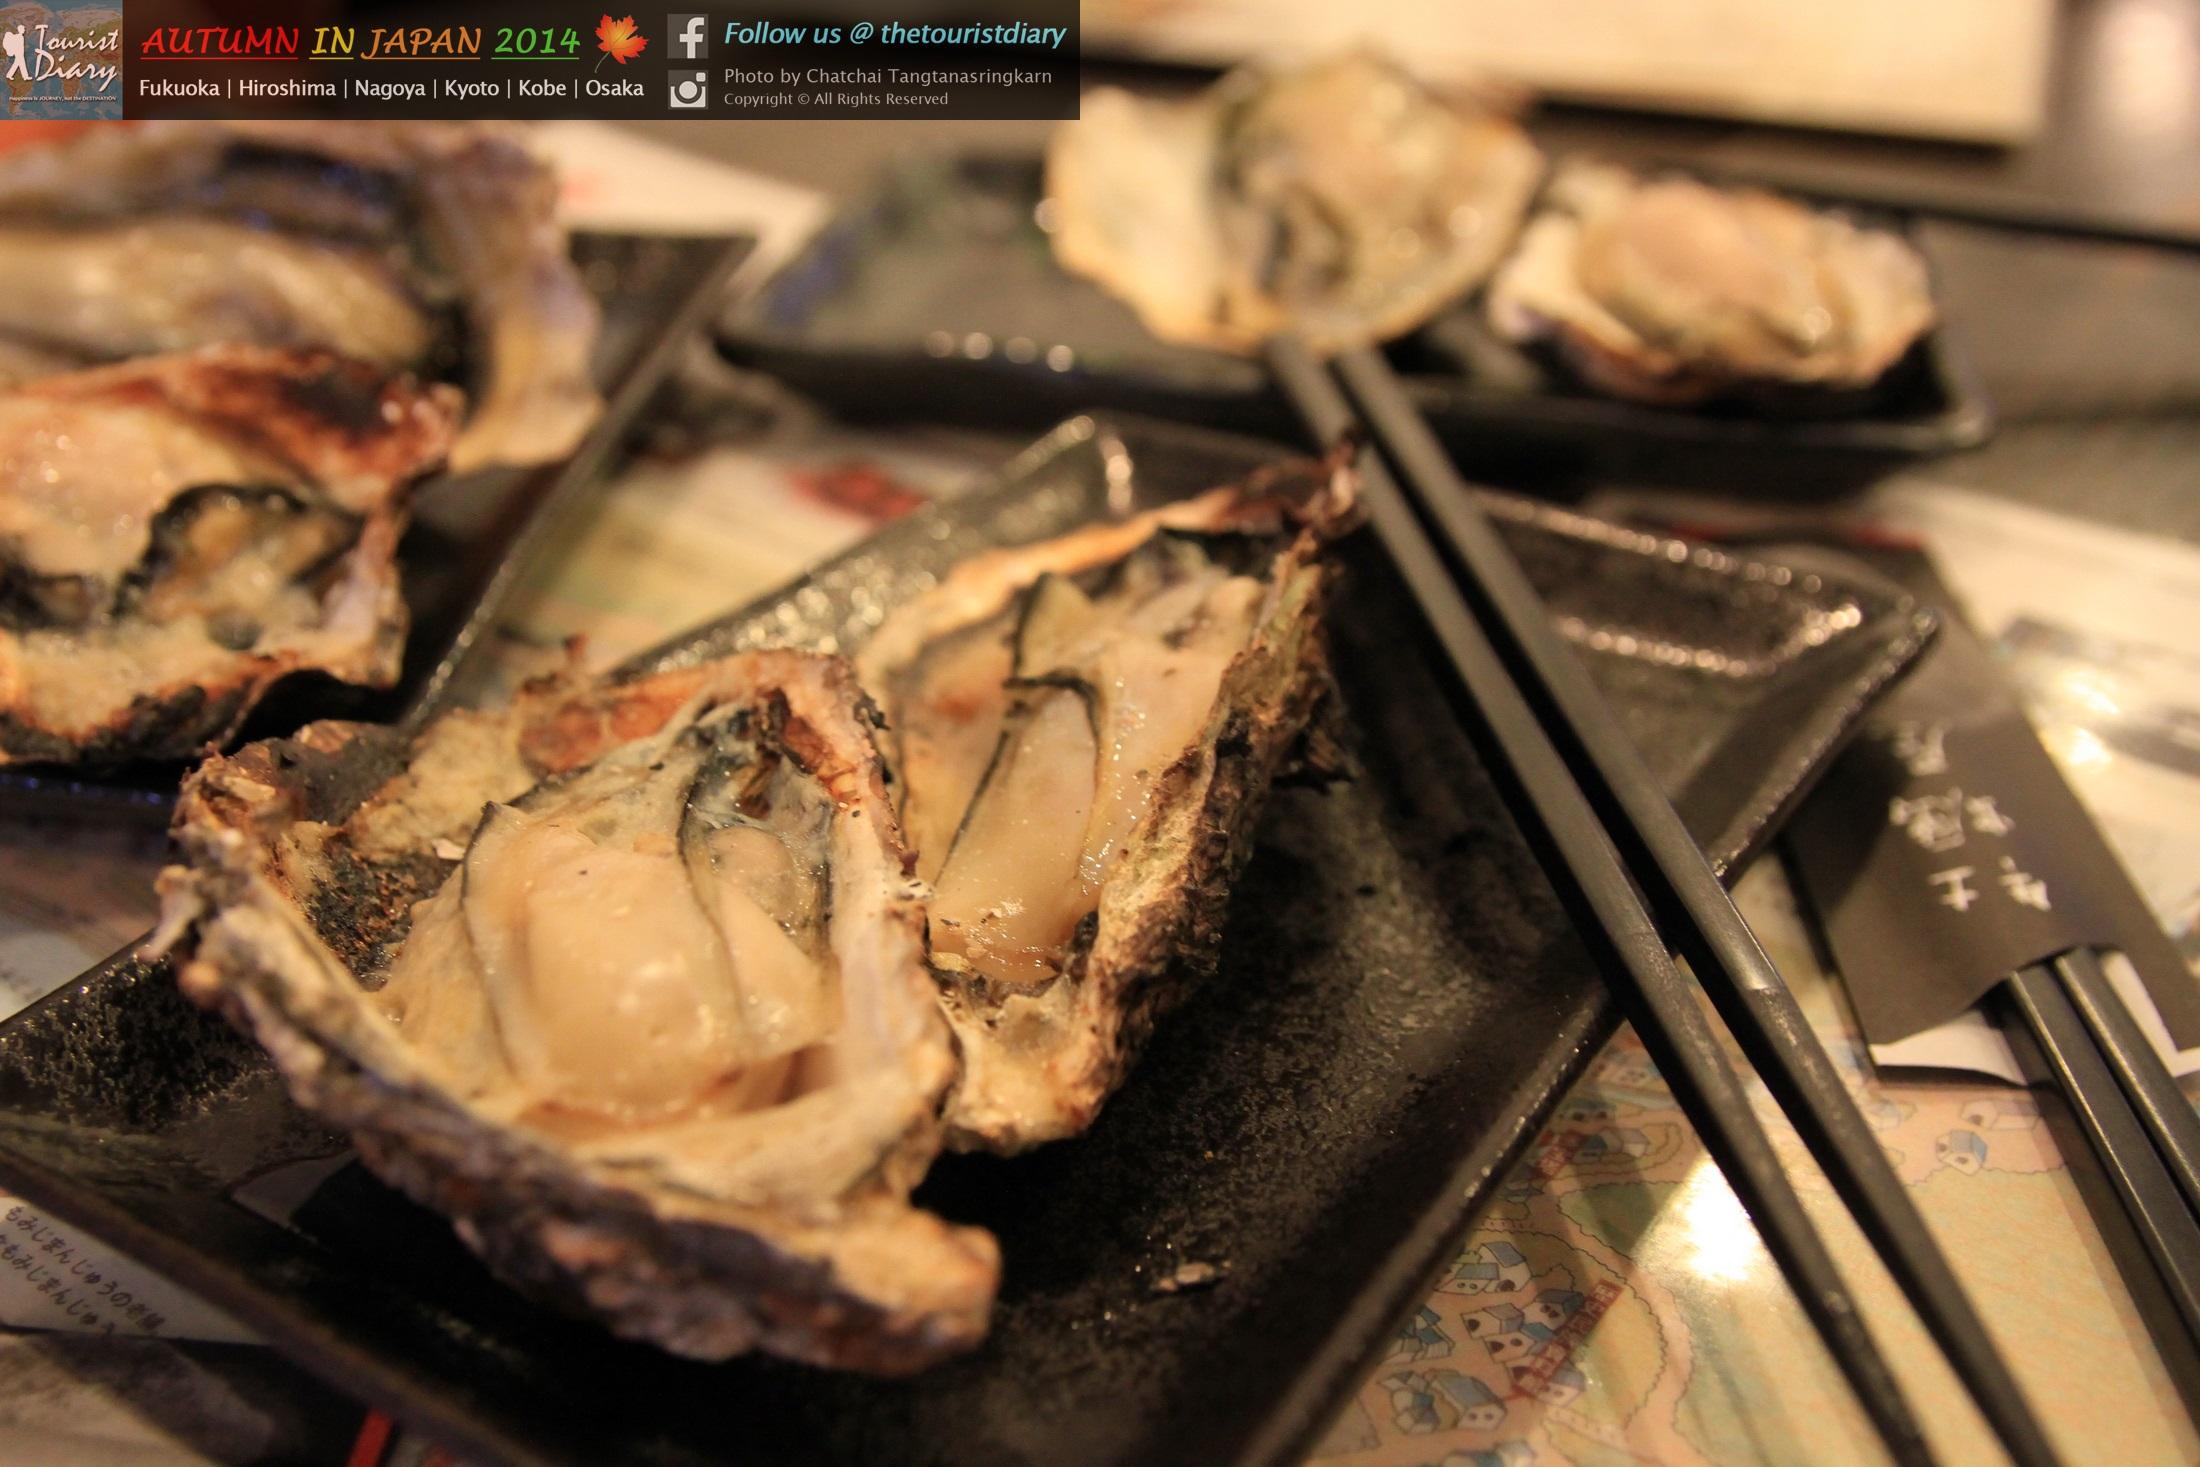 Miyajima | Kaki-ya หอยนางรมย่างร้านดังบนเกาะมิยาจิม่า